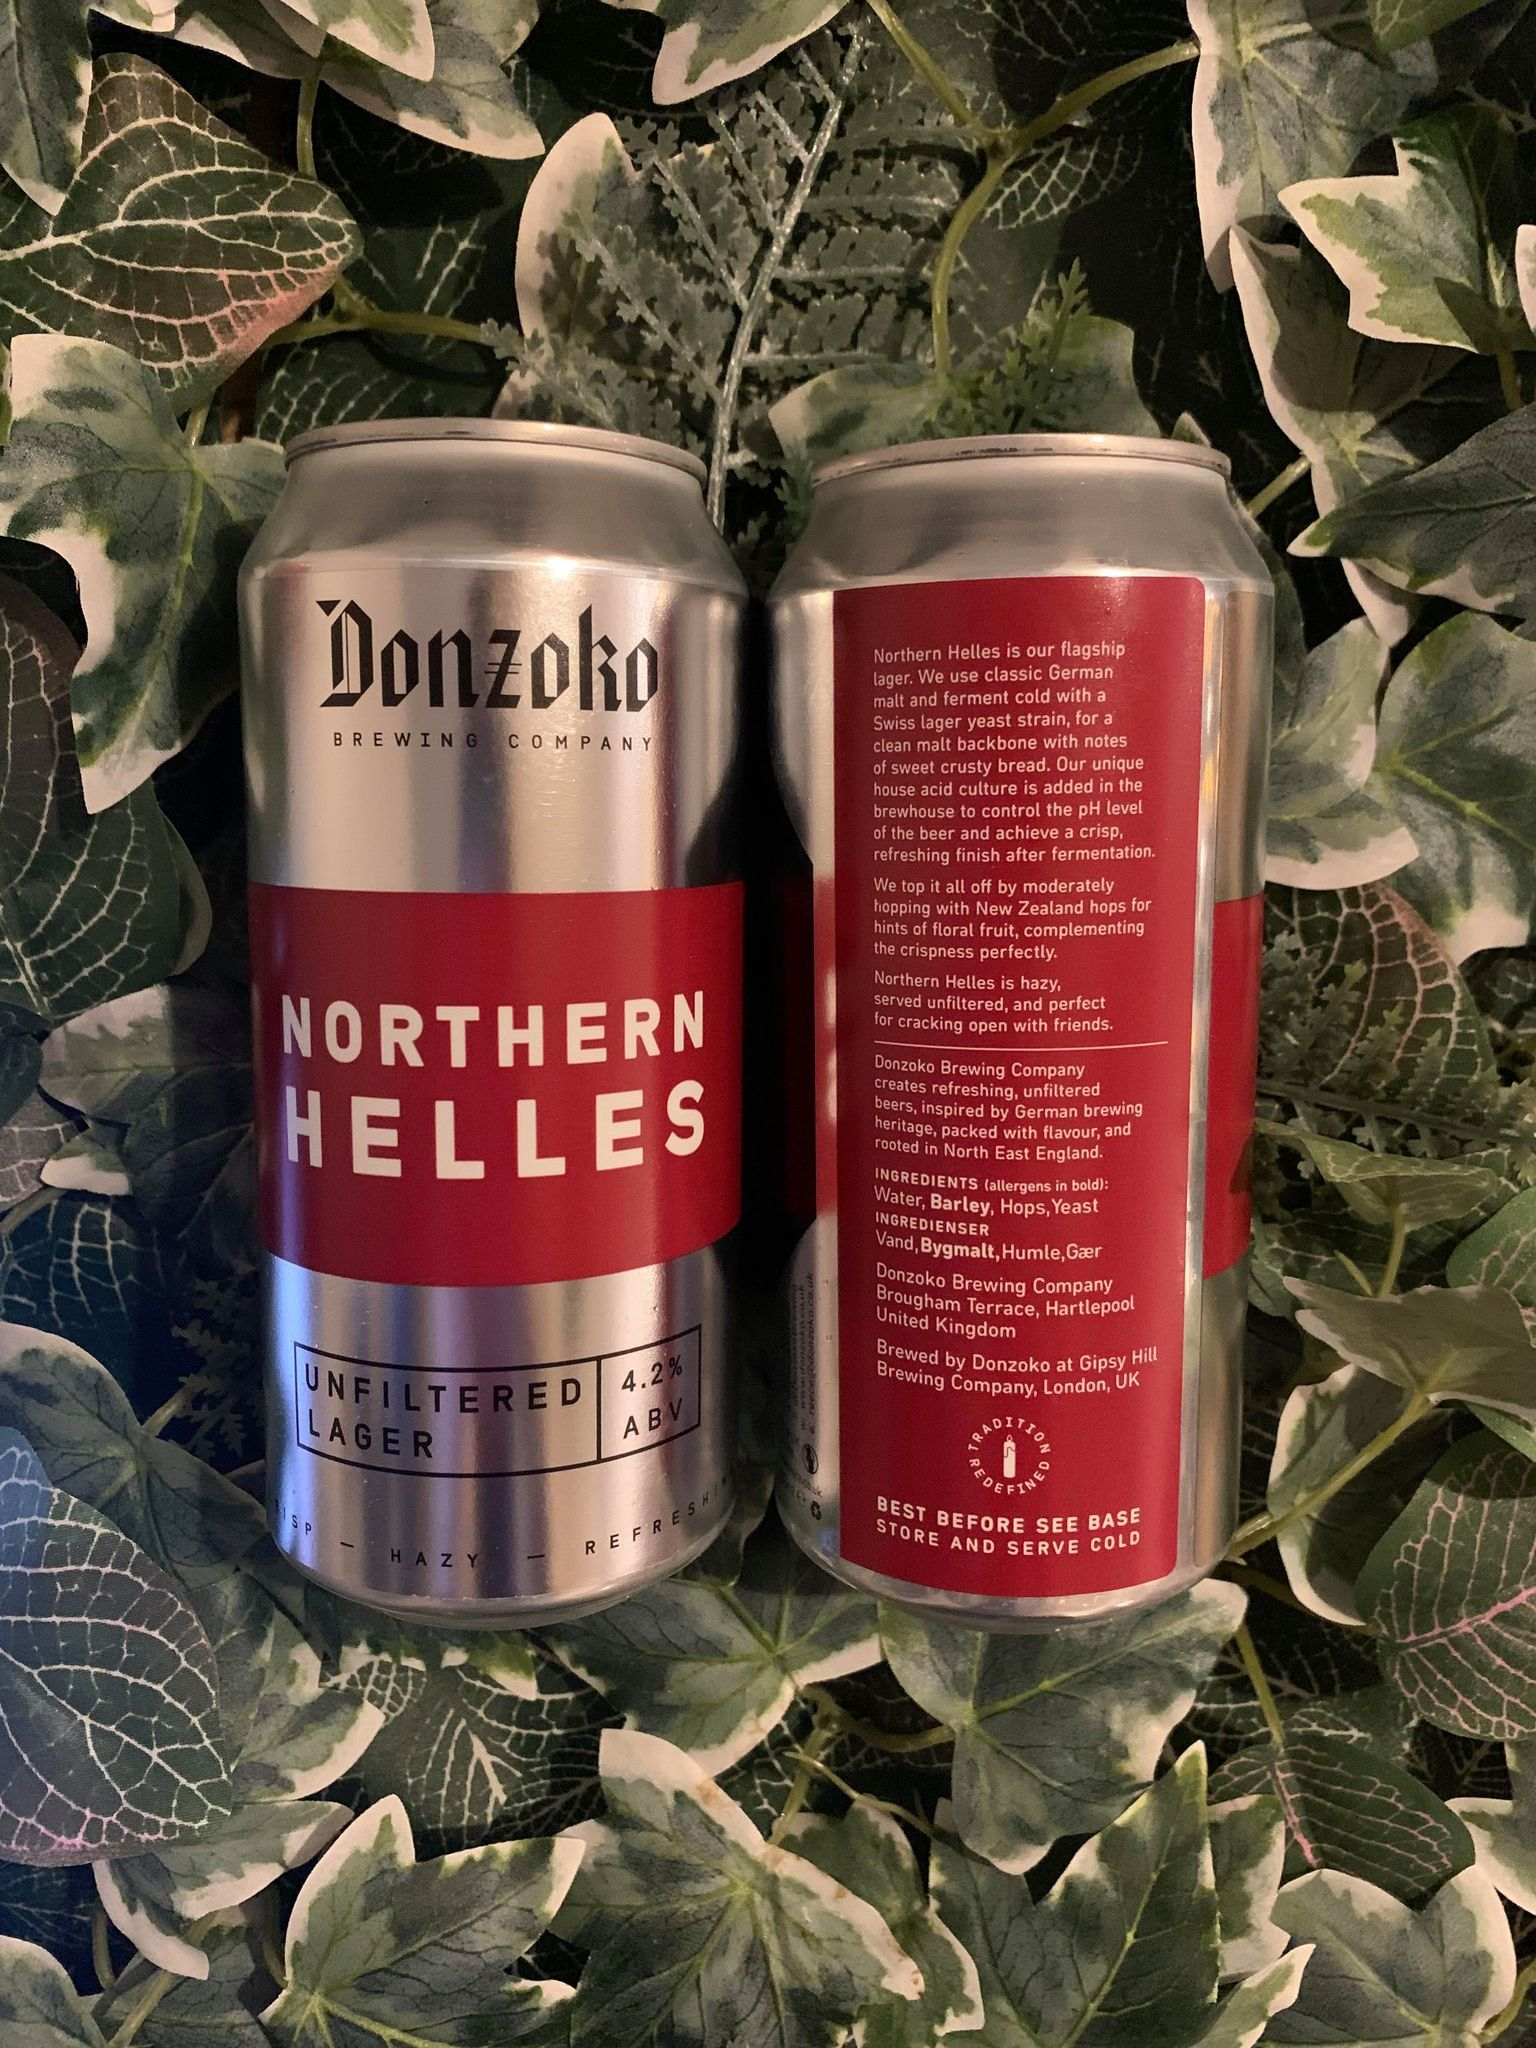 Donzoko - Northern Helles 4.2%